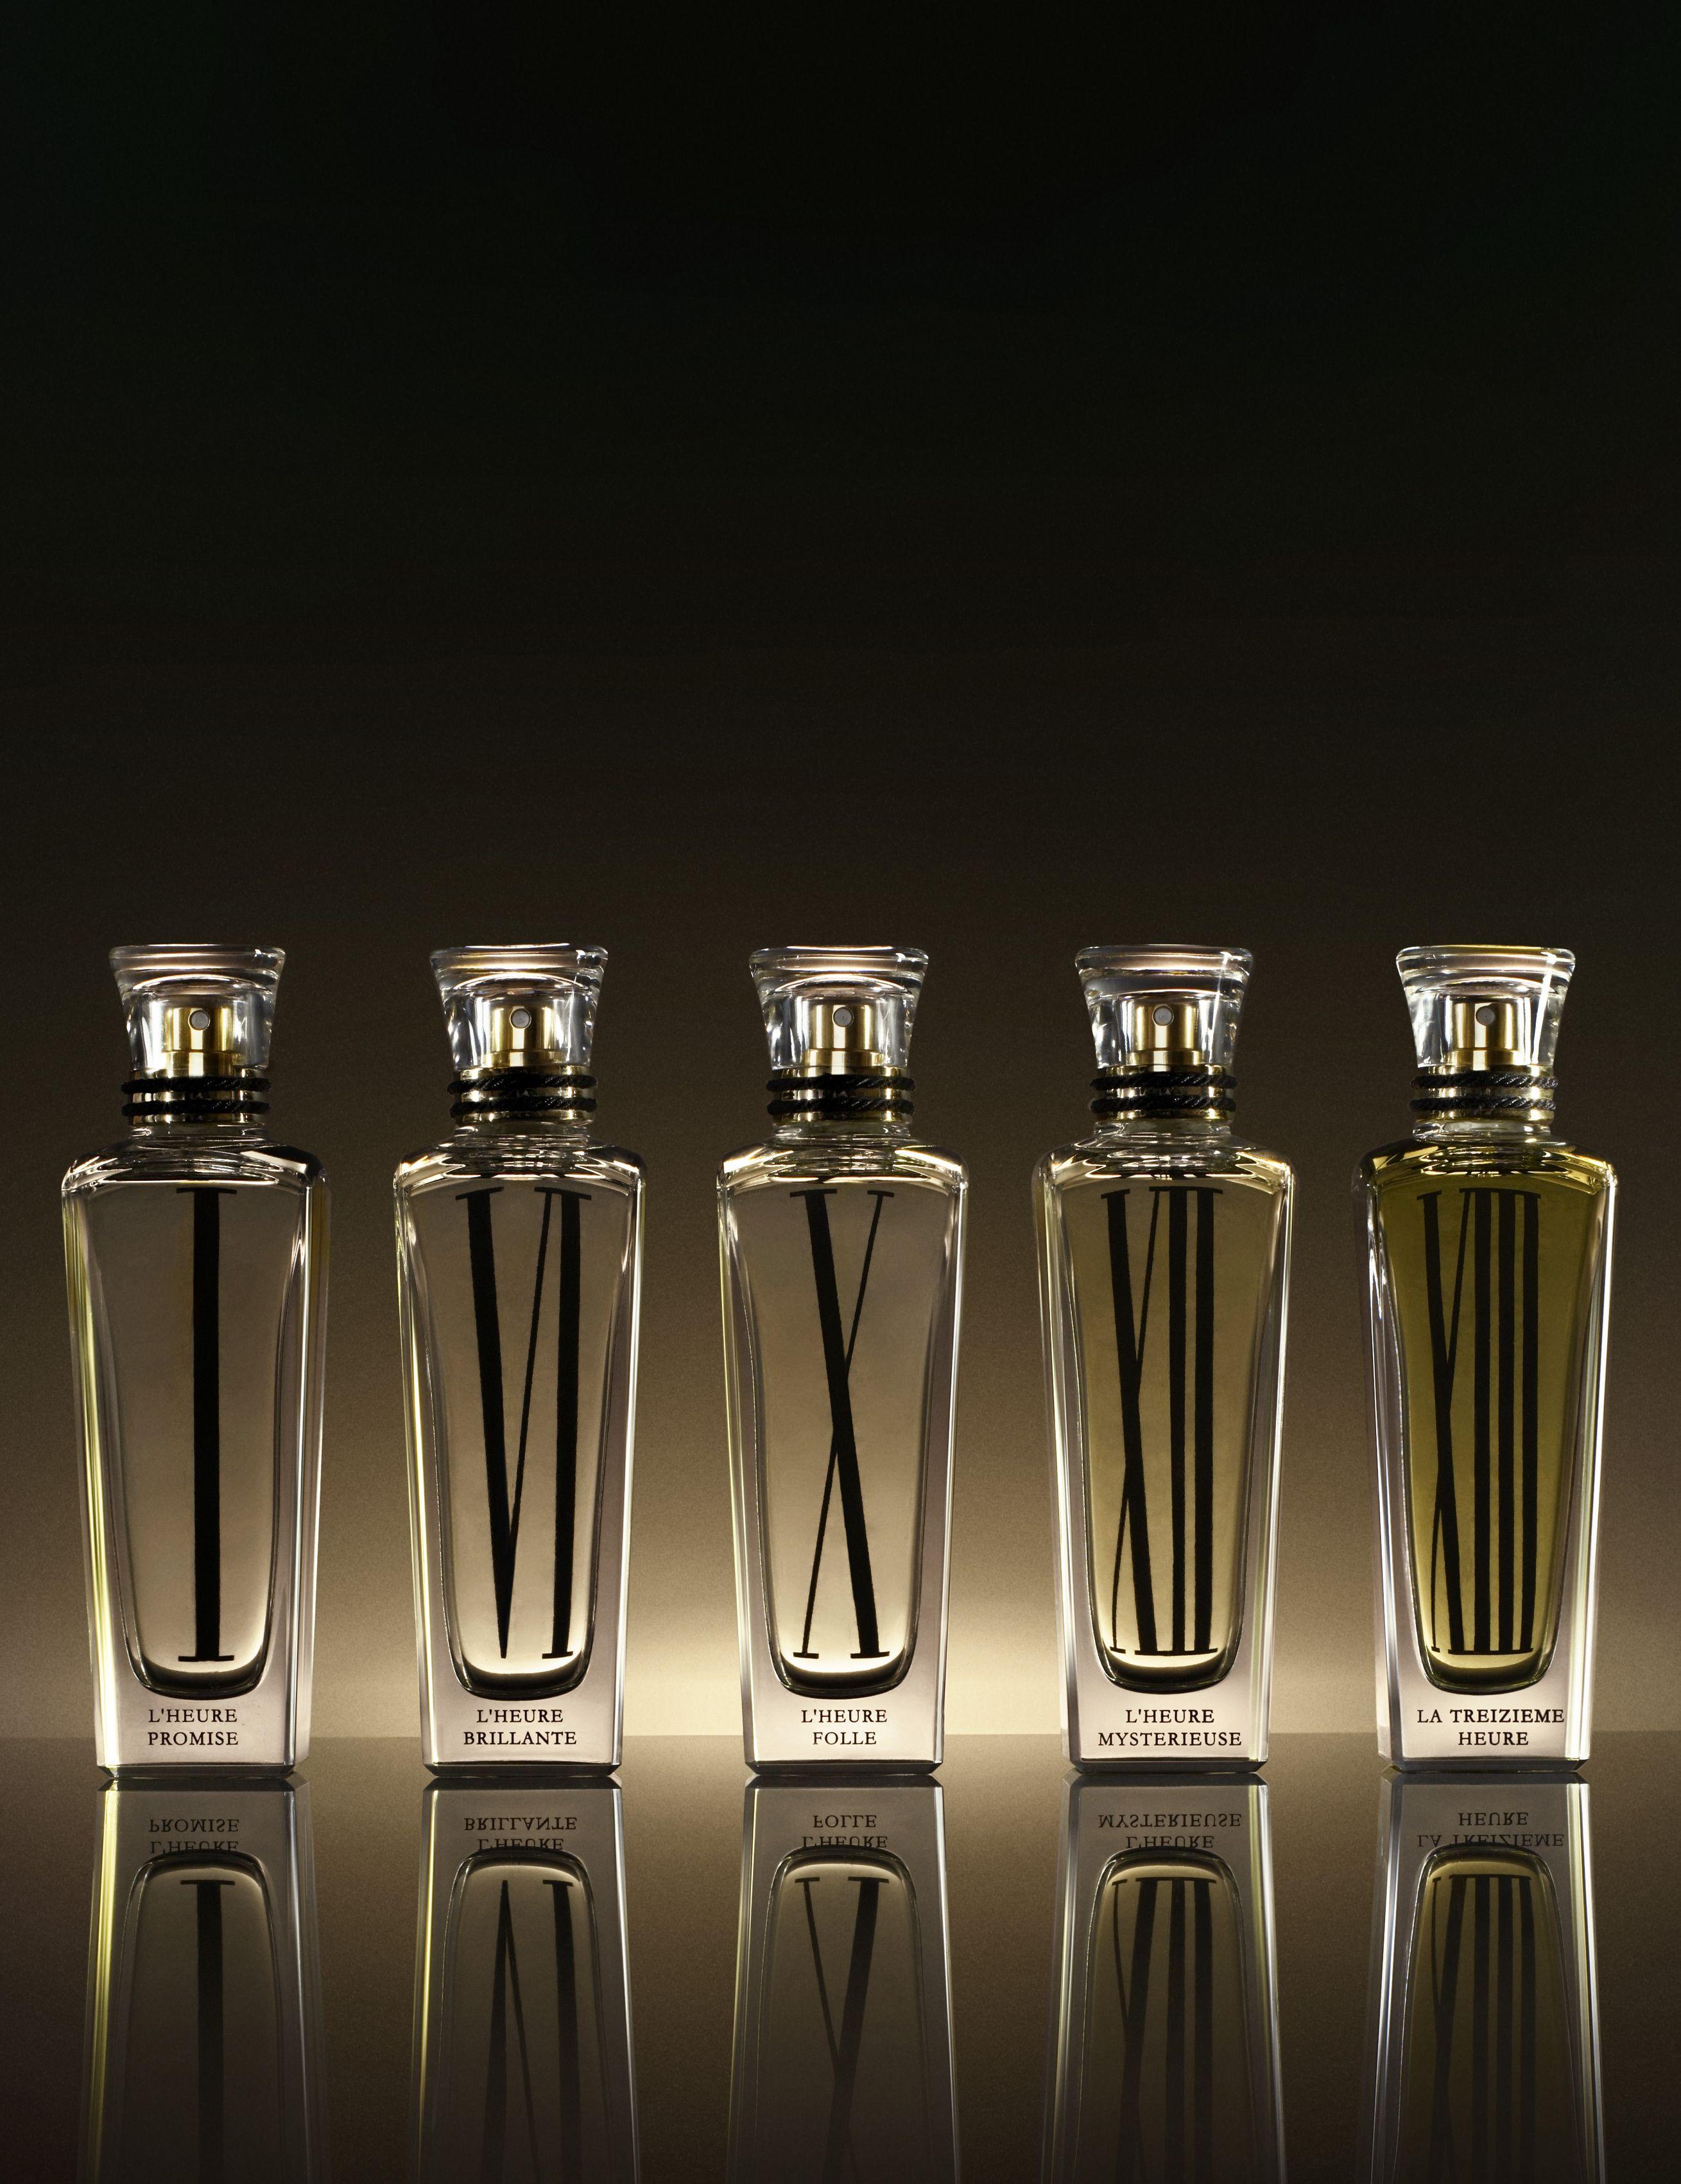 Parfum Collection Heures De From Les 2009 Cartier mbIf76Yygv